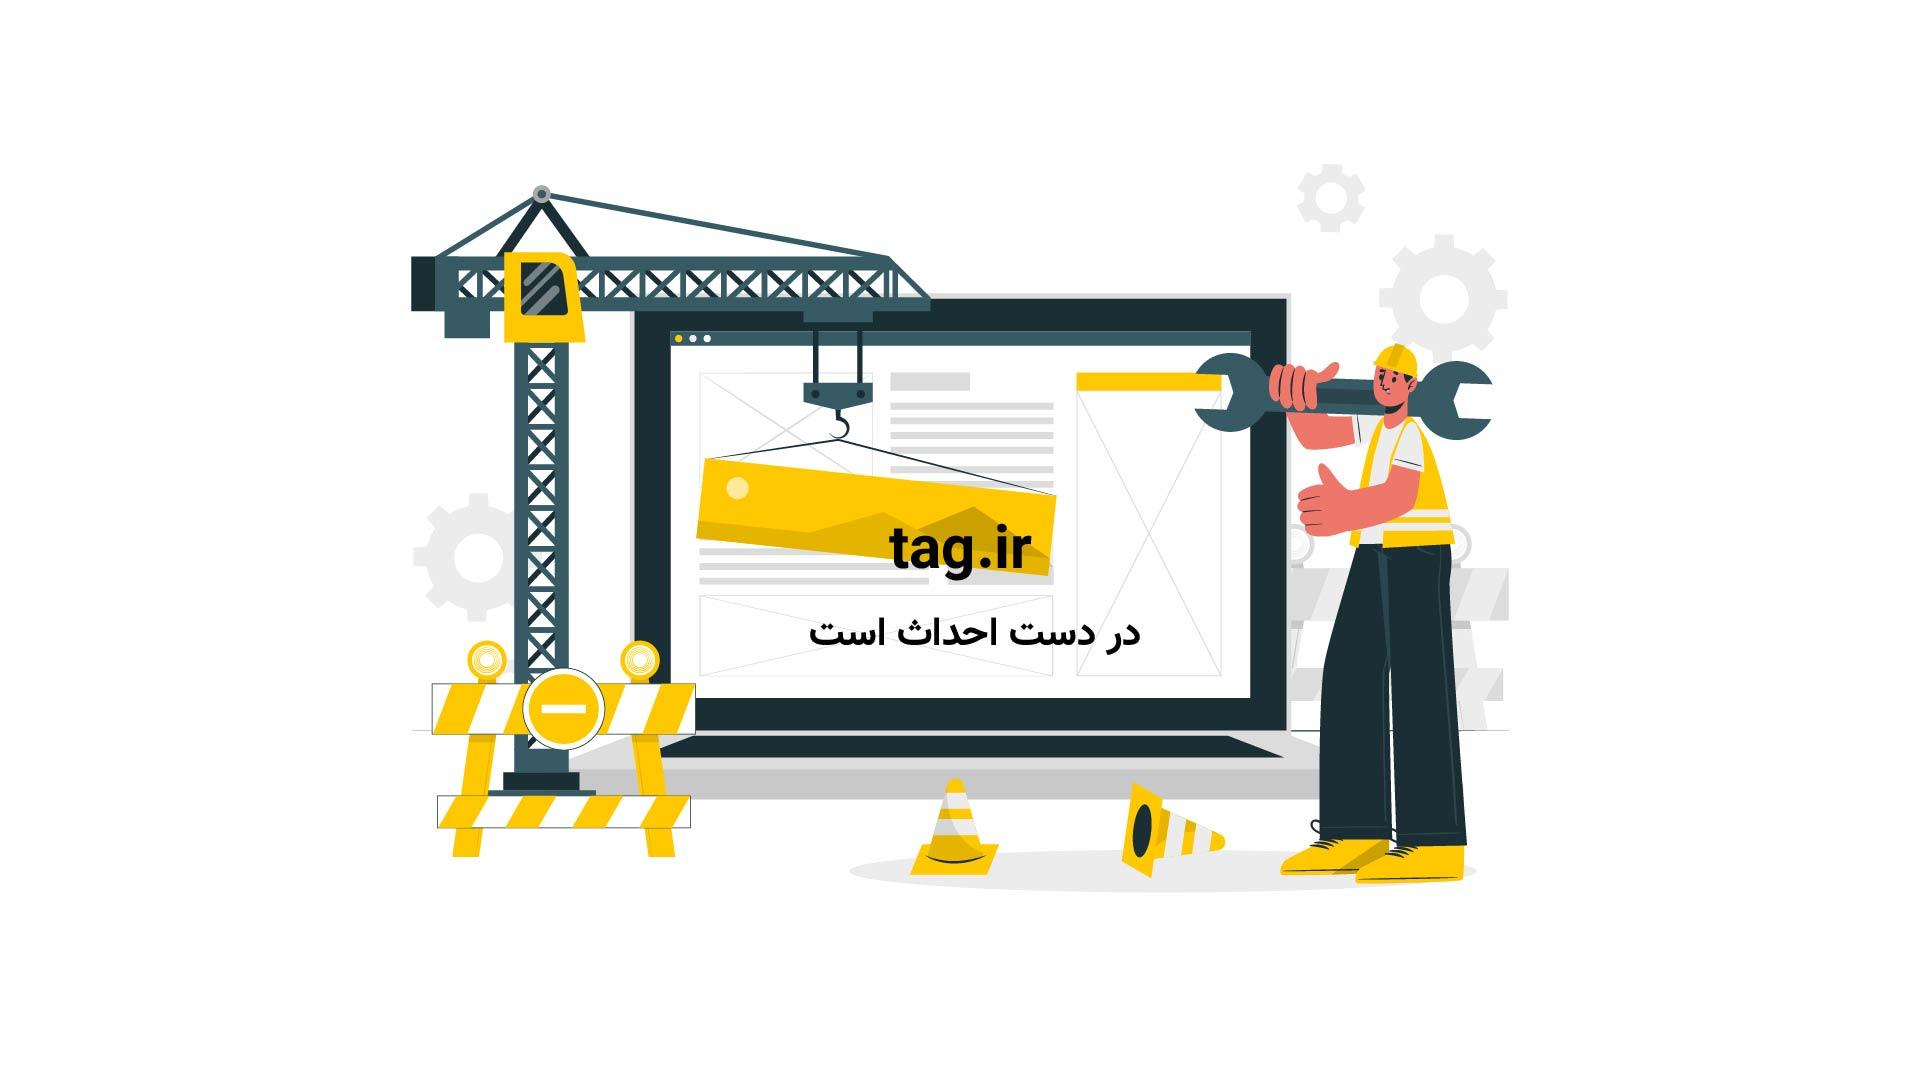 بزرگترین بمب غیراتمی   تگ